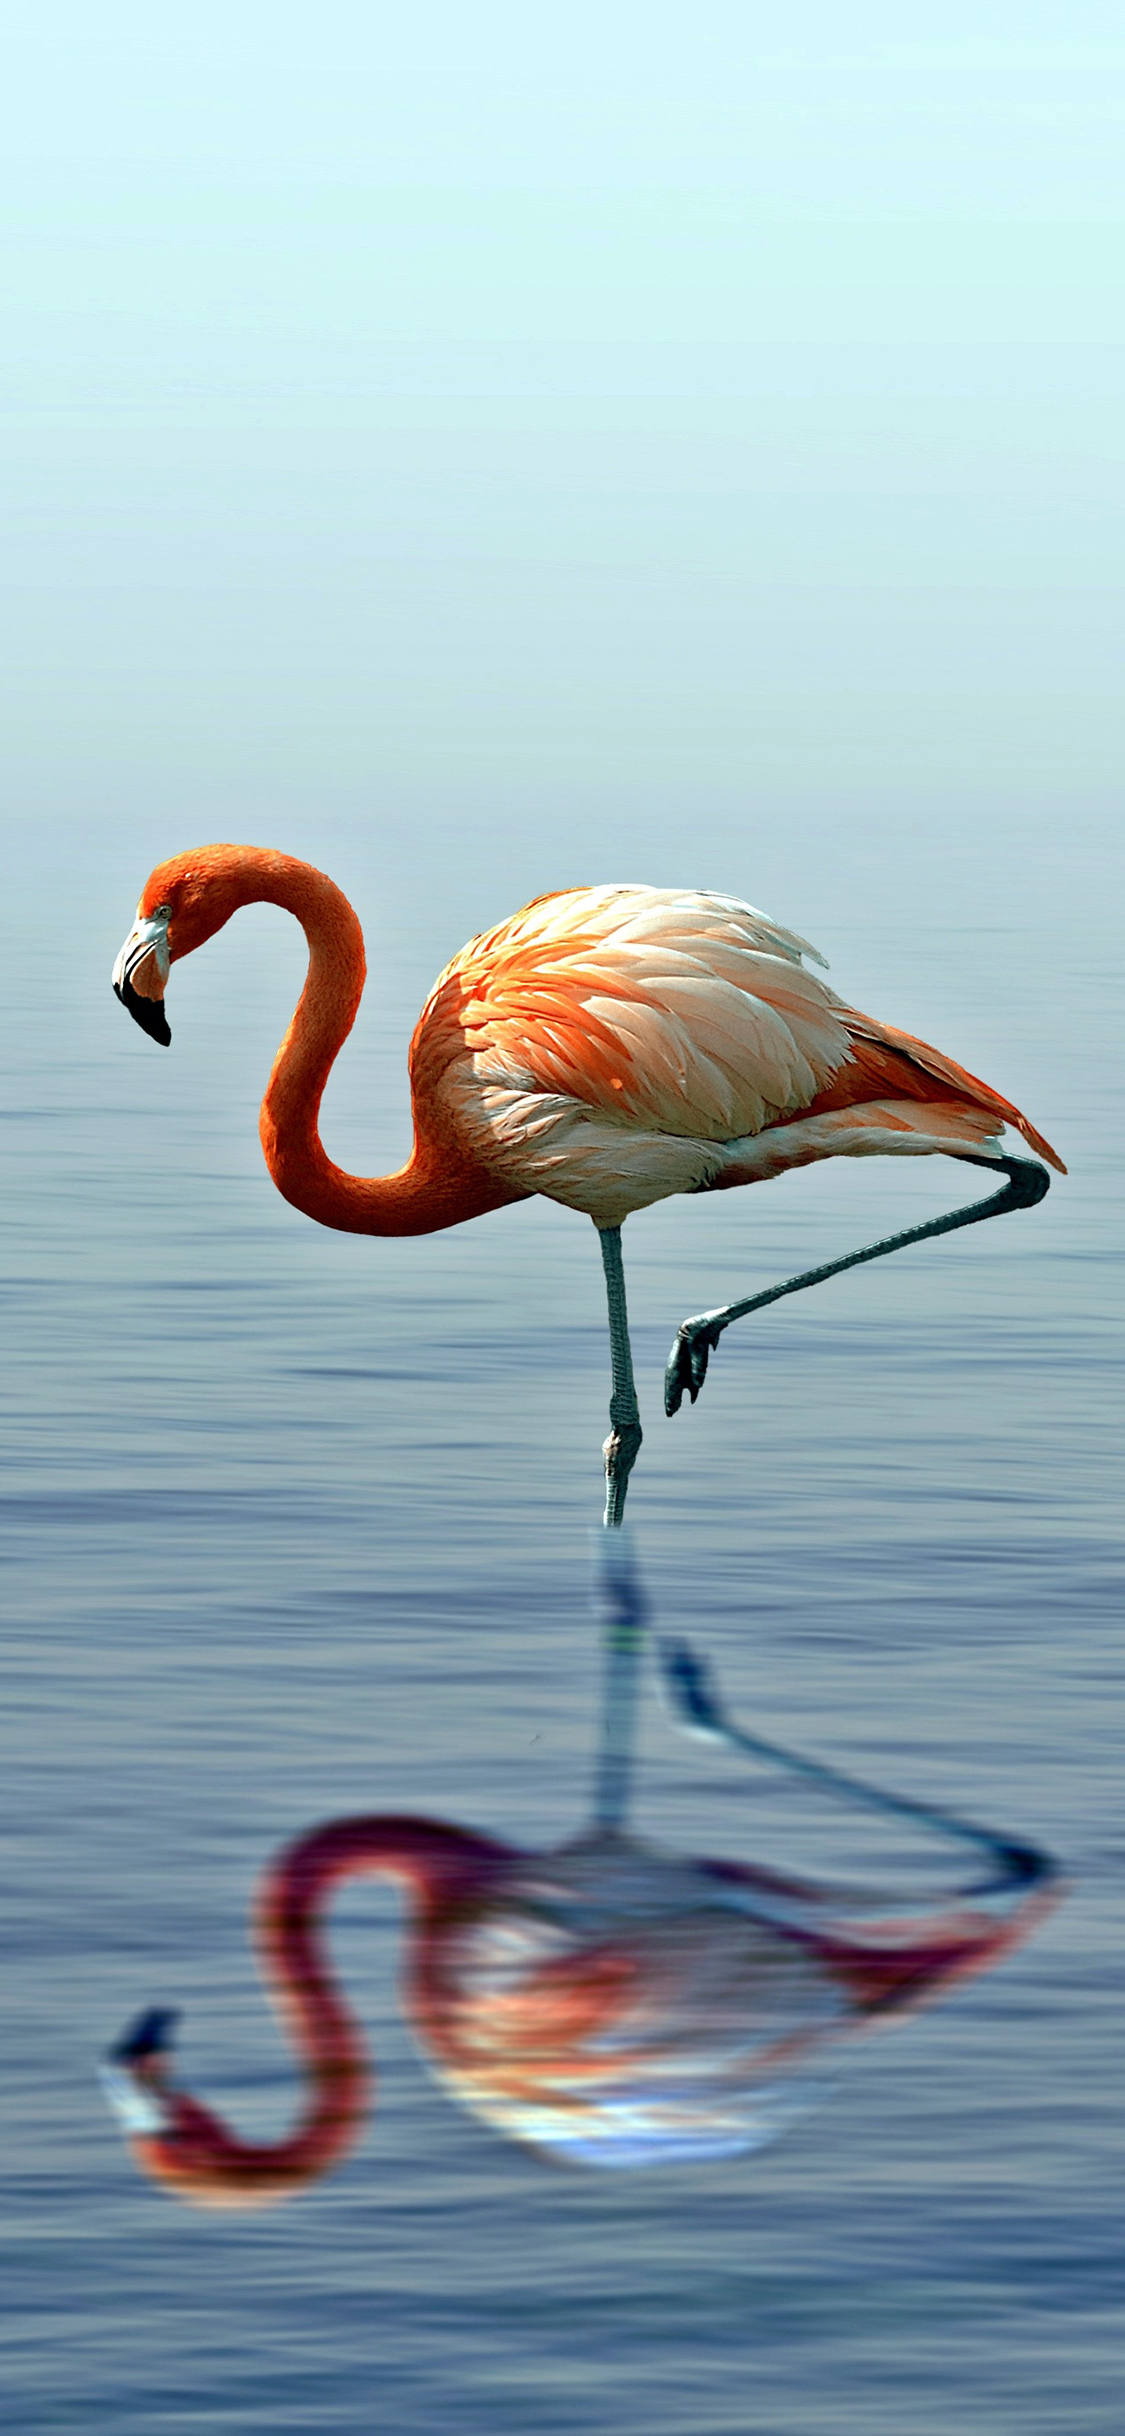 壁纸 动物 鸟 鸟类 摄影 桌面 1125_2436 竖版 竖屏 手机